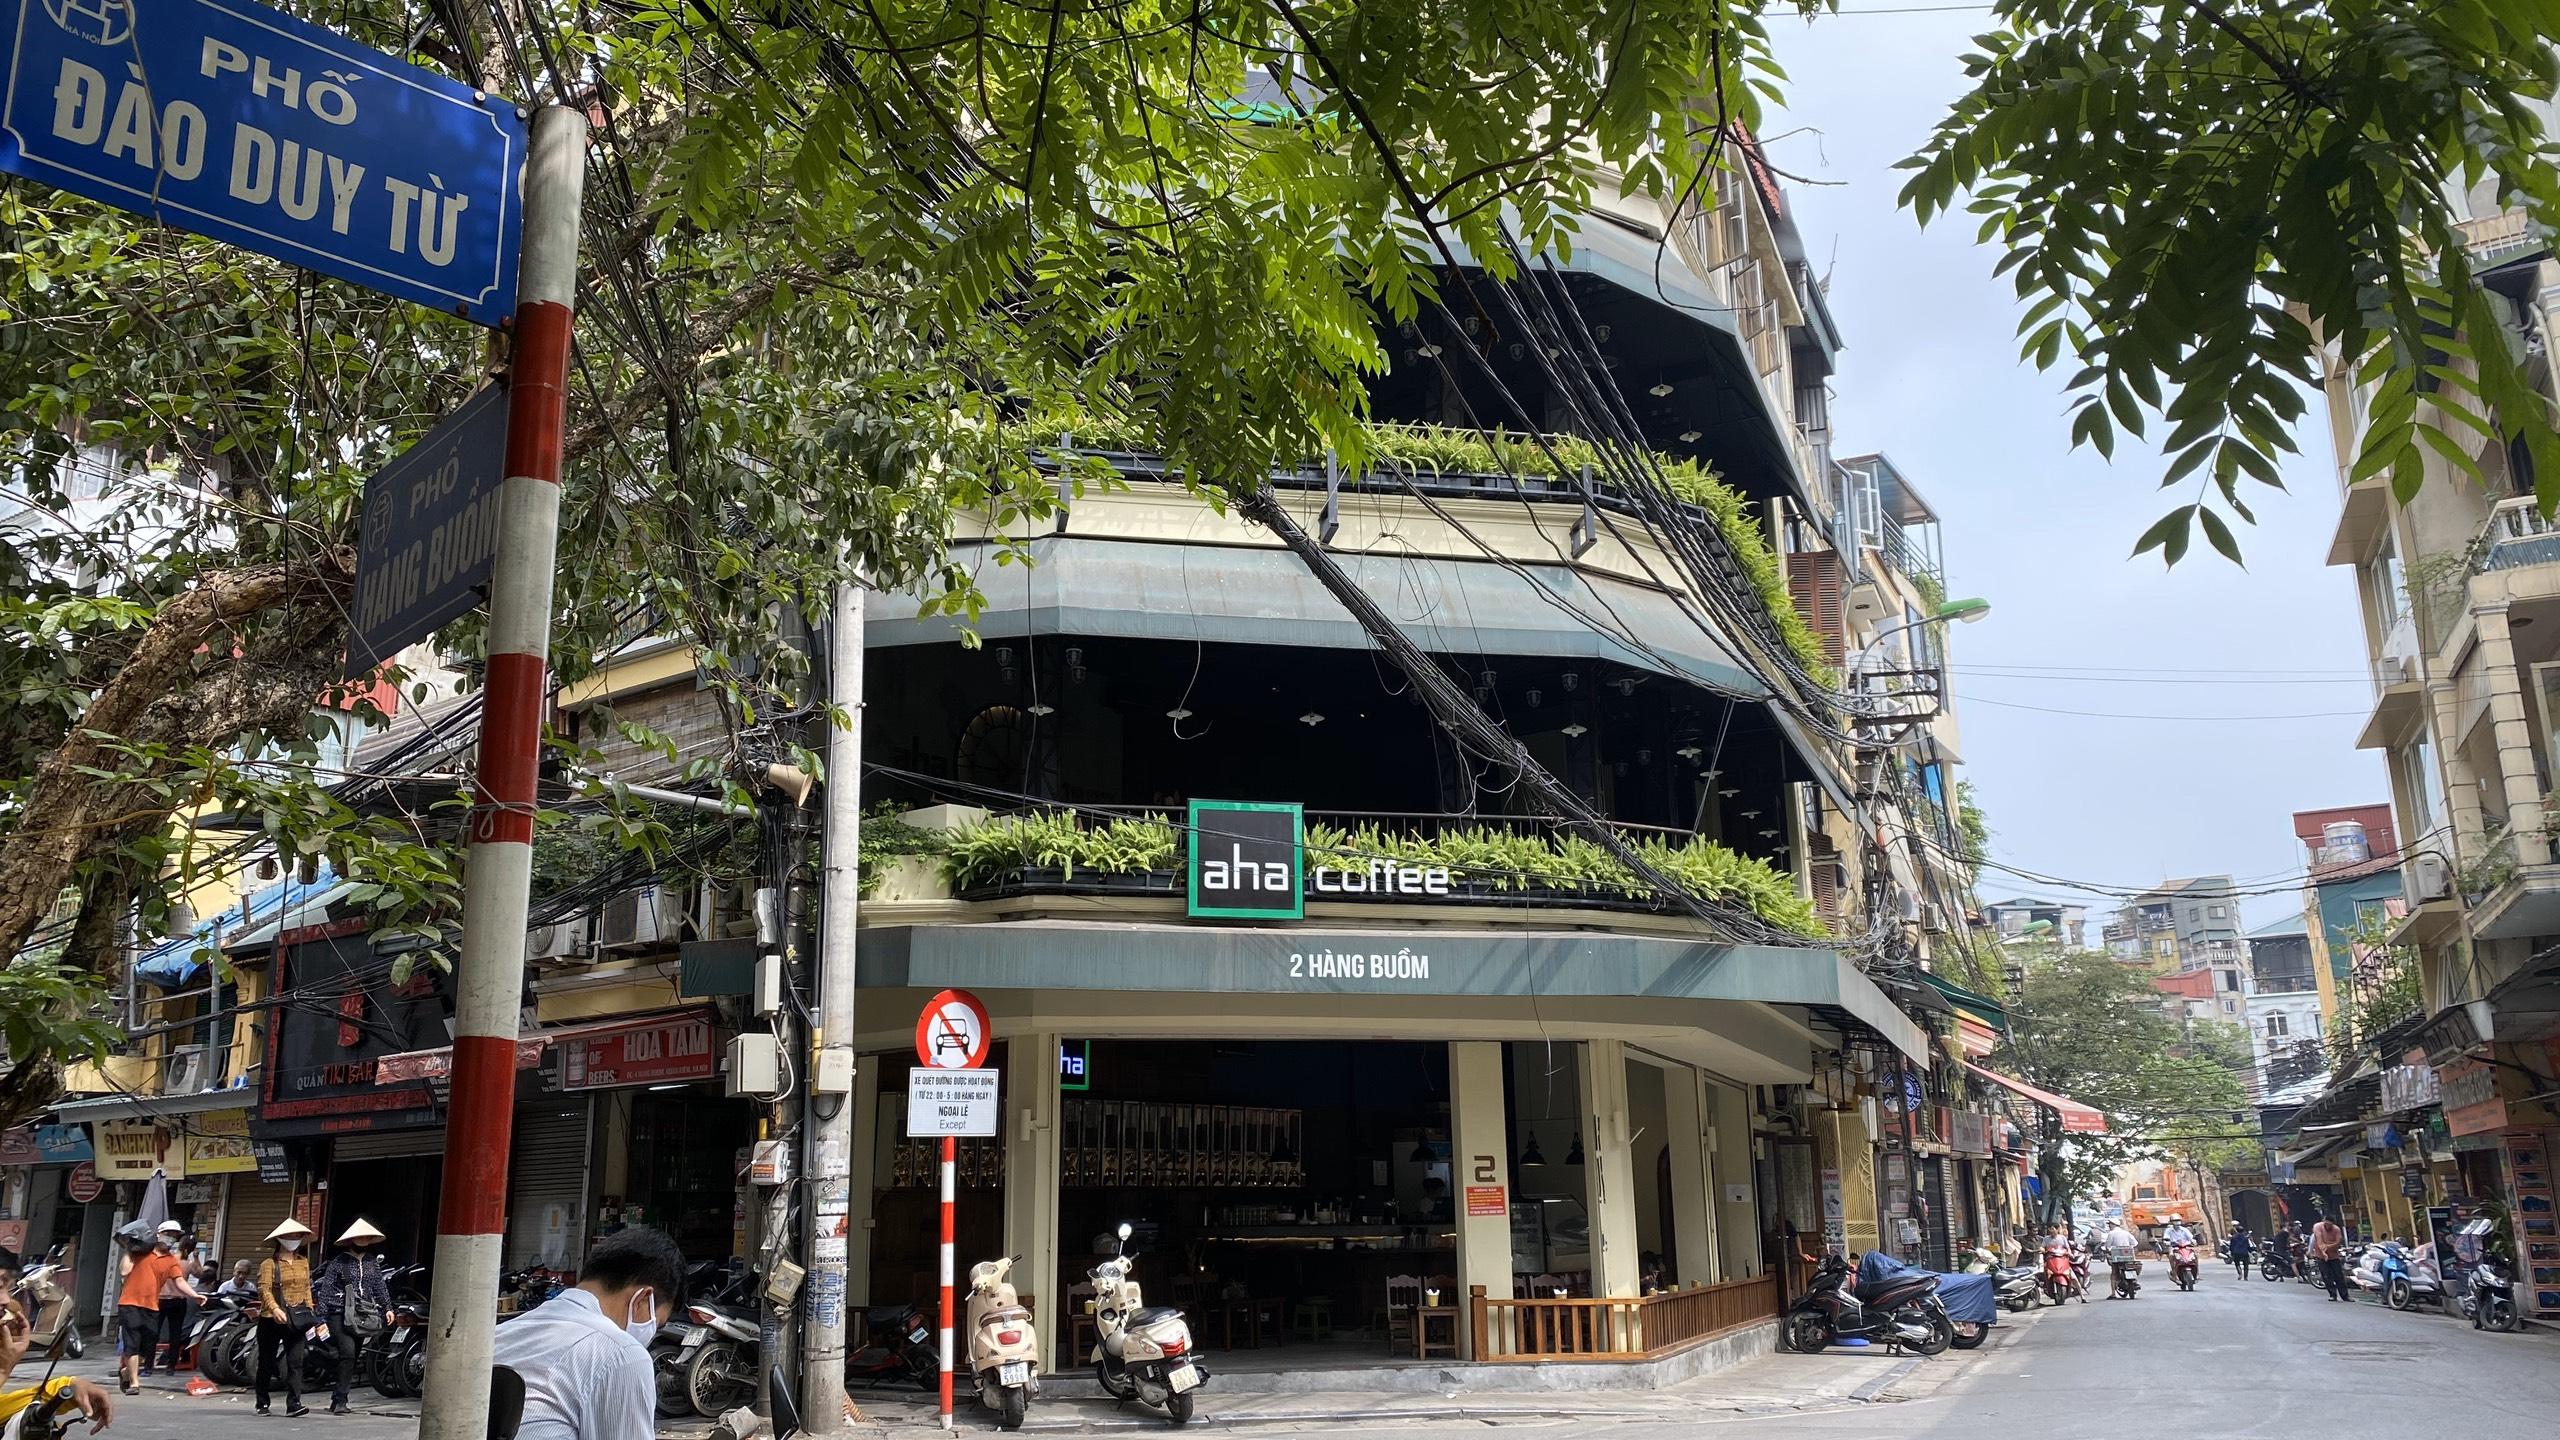 Ngày đầu hè, người dân tranh thủ ghé các tiệm kem nức tiếng của Hà Nội để tránh nóng, hạ nhiệt - Ảnh 10.